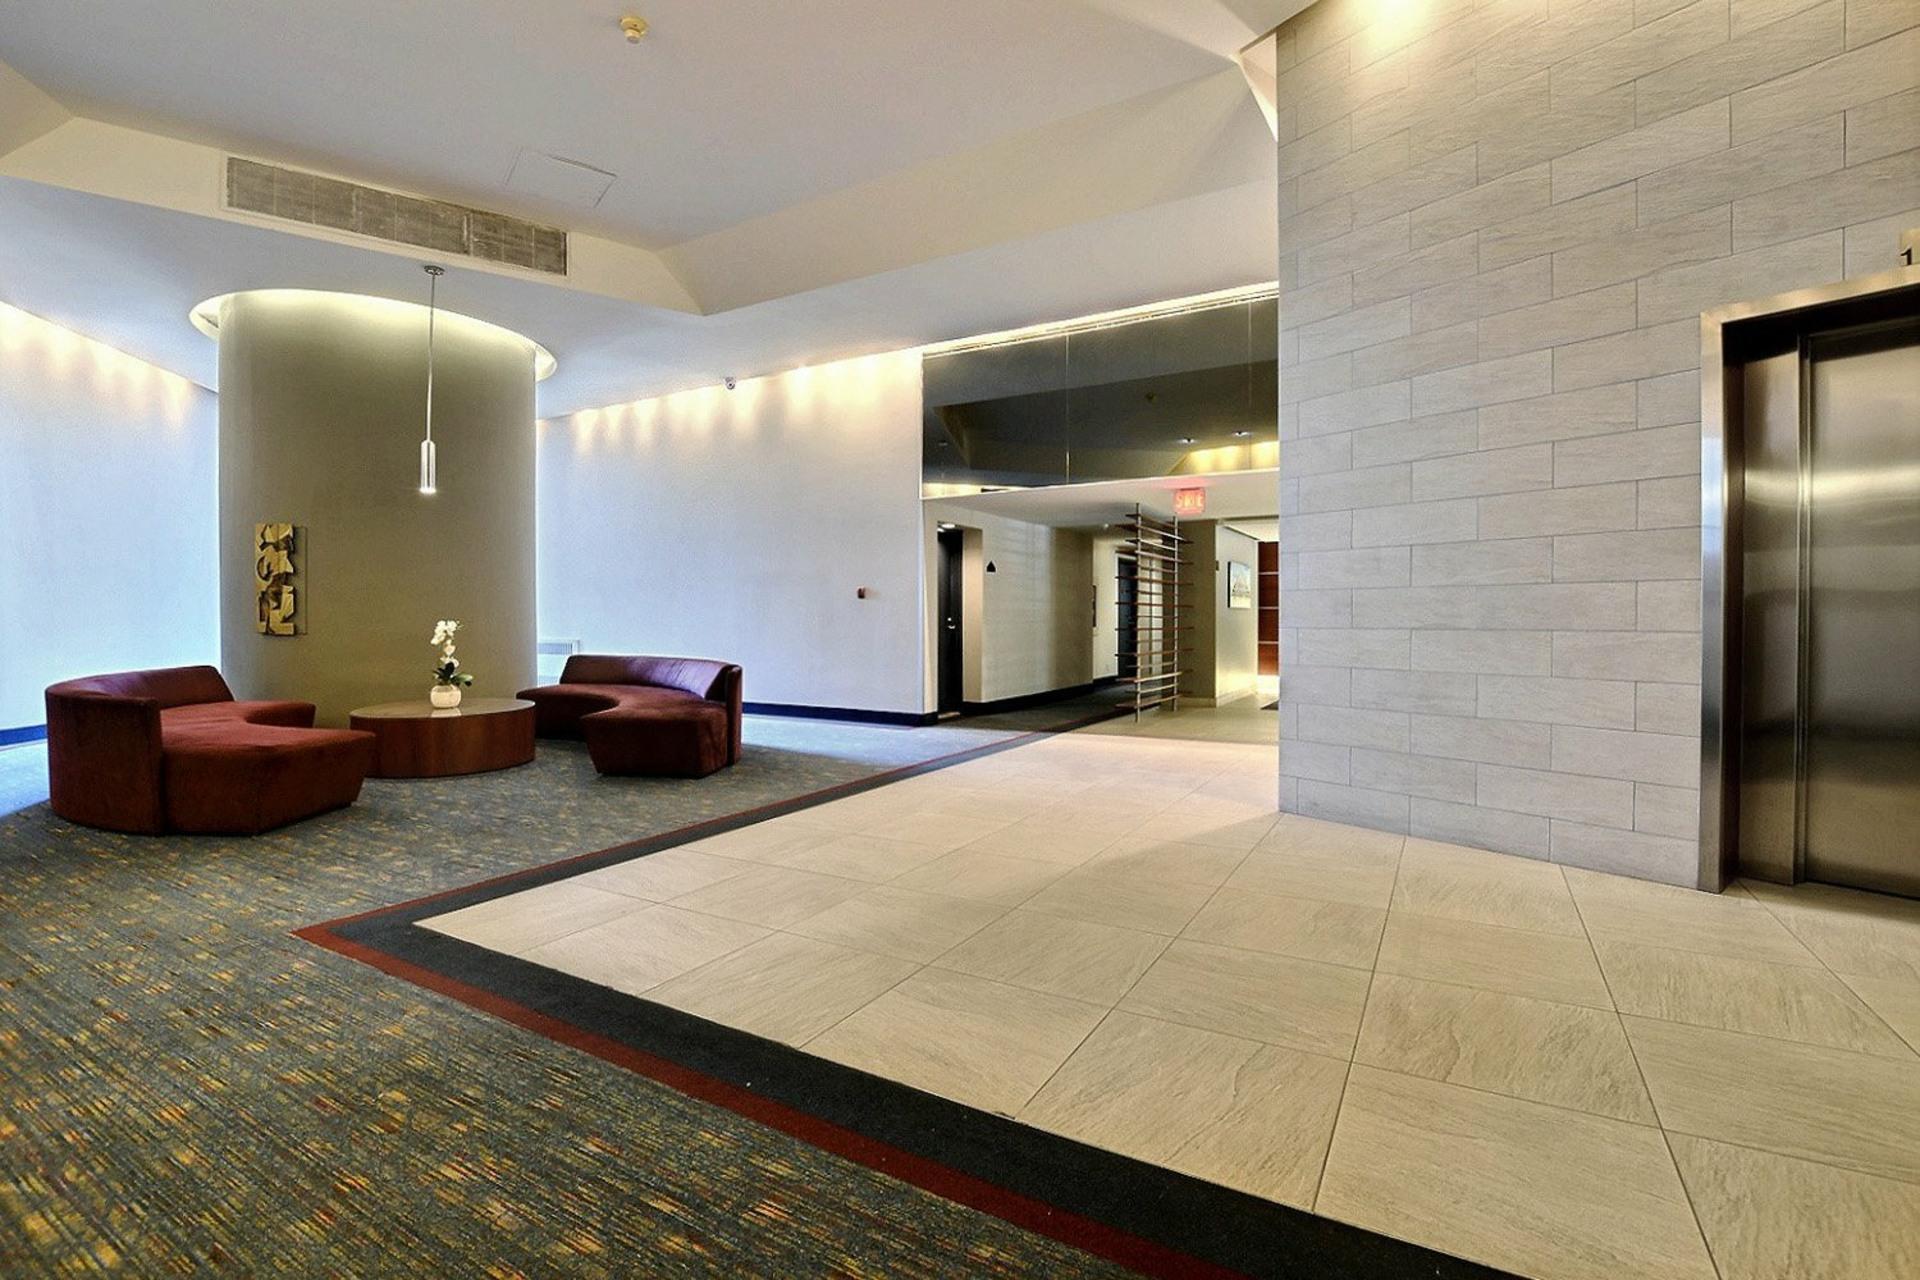 image 18 - Appartement À vendre Verdun/Île-des-Soeurs Montréal  - 4 pièces